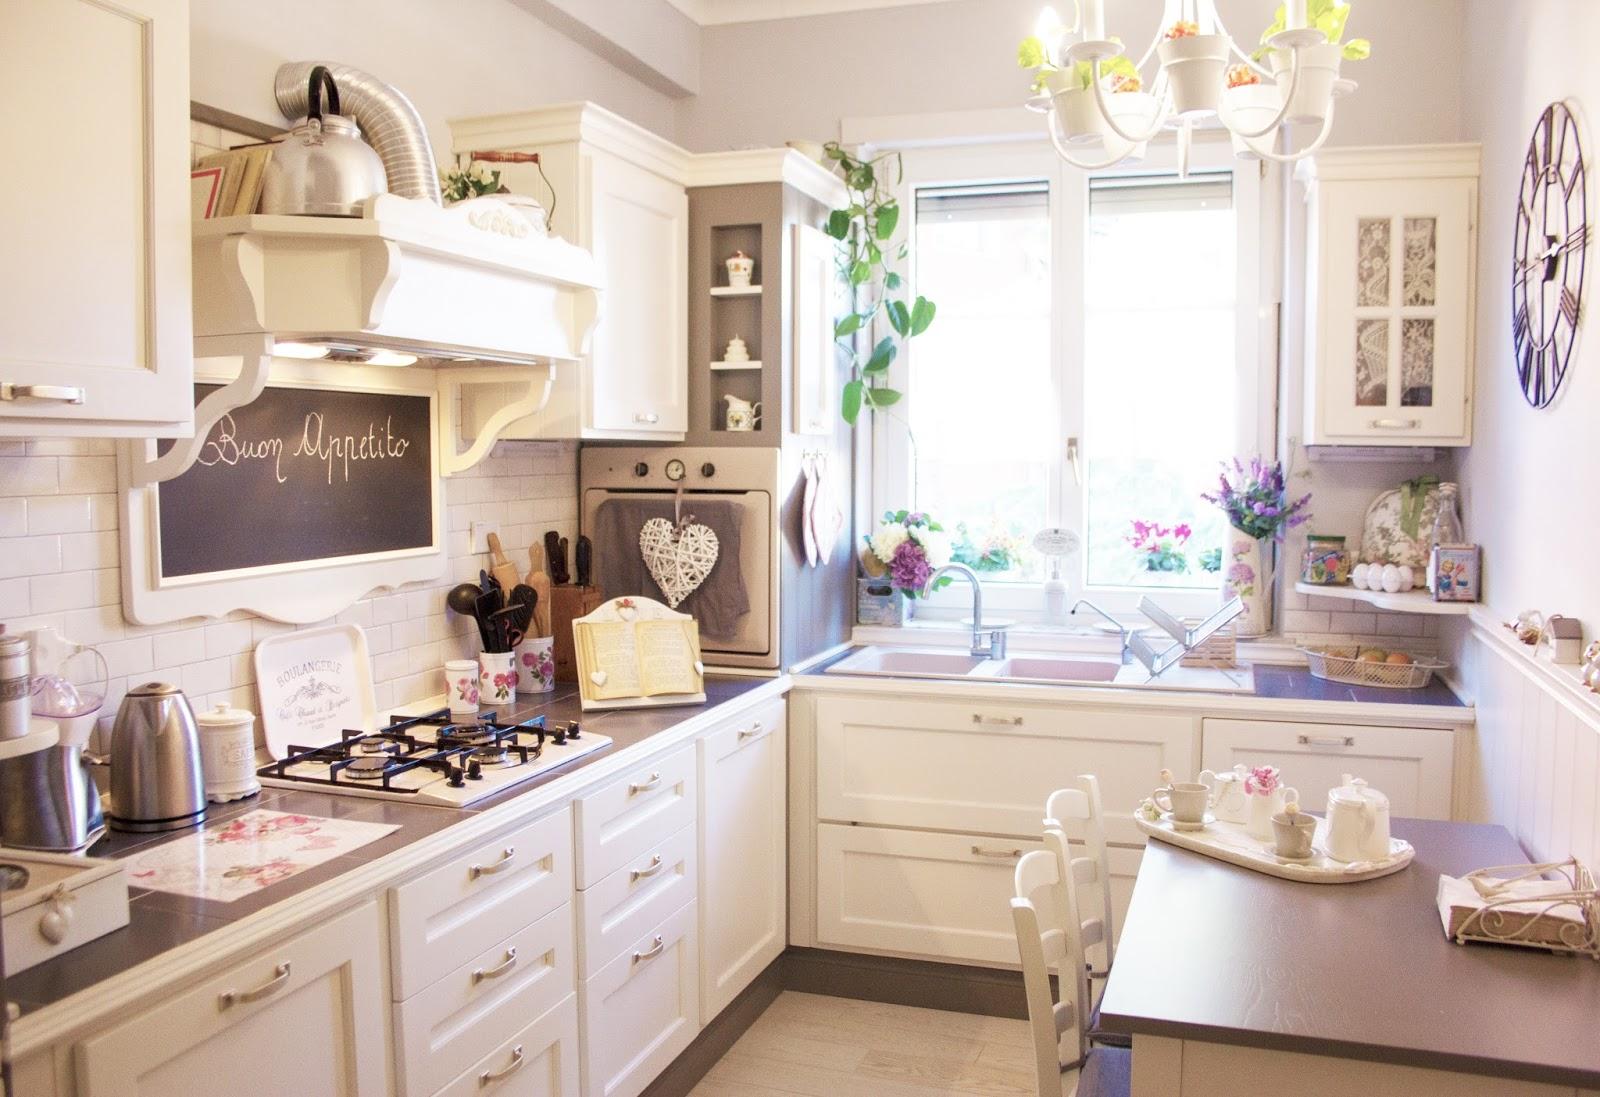 Come arredare una cucina shabby riutilizzando vecchi oggetti - Idee per arredare cucina ...